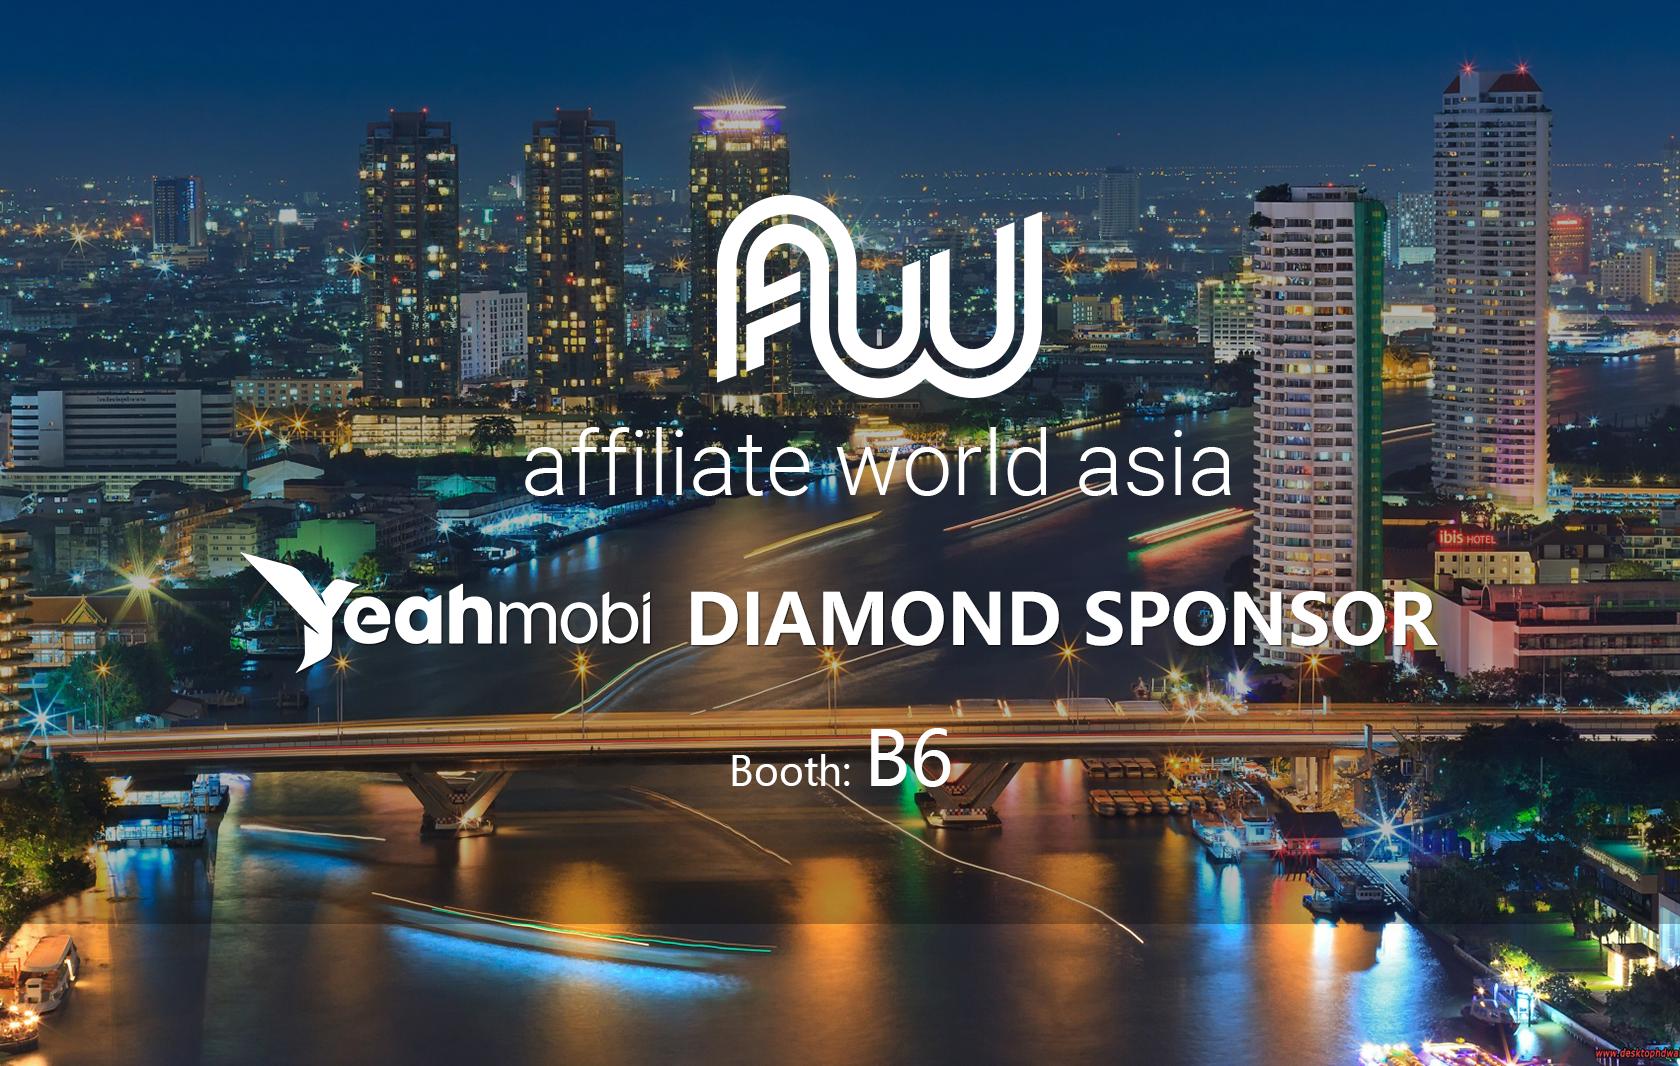 Affiliate World Asia -- Yeahmobi DIAMOND SPONSOR